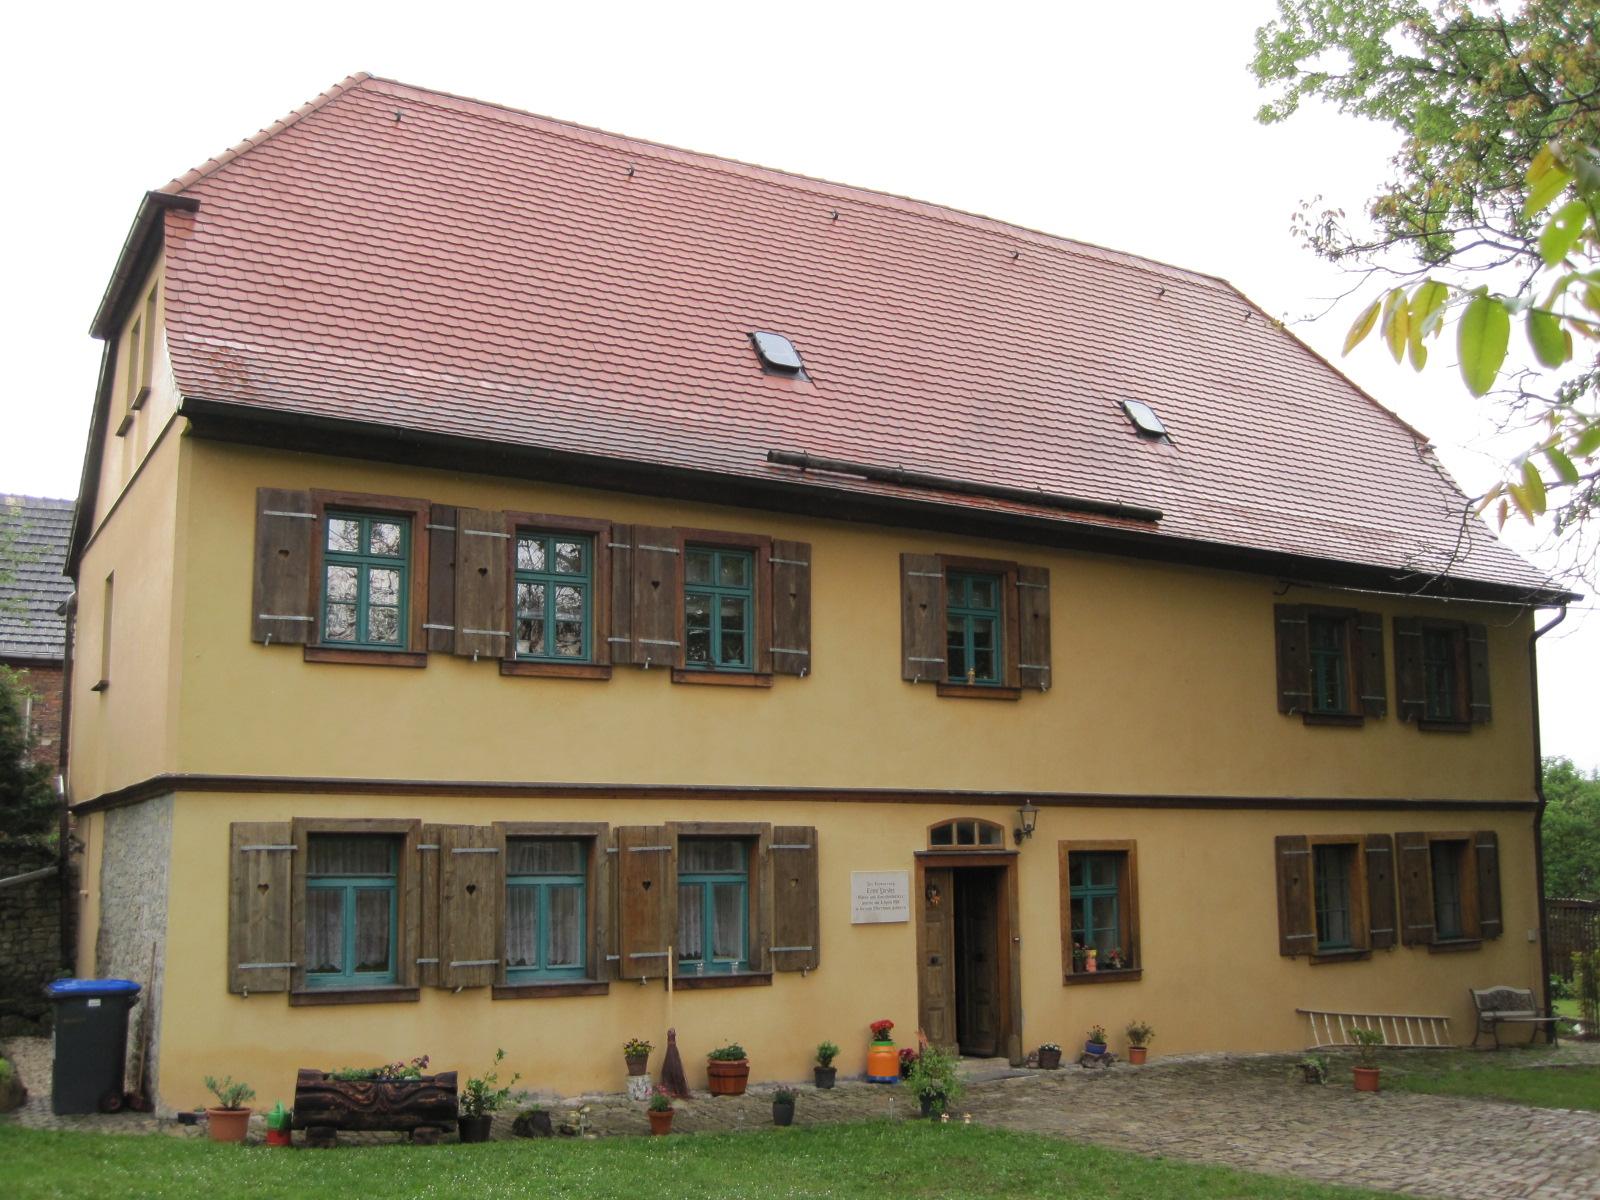 Münchengosserstedt: ehemaliges Pfarrhaus (geplante Erweiterung der Museumsräume (Friedrich-Förster-Ausstellung und Heimatmuseum))